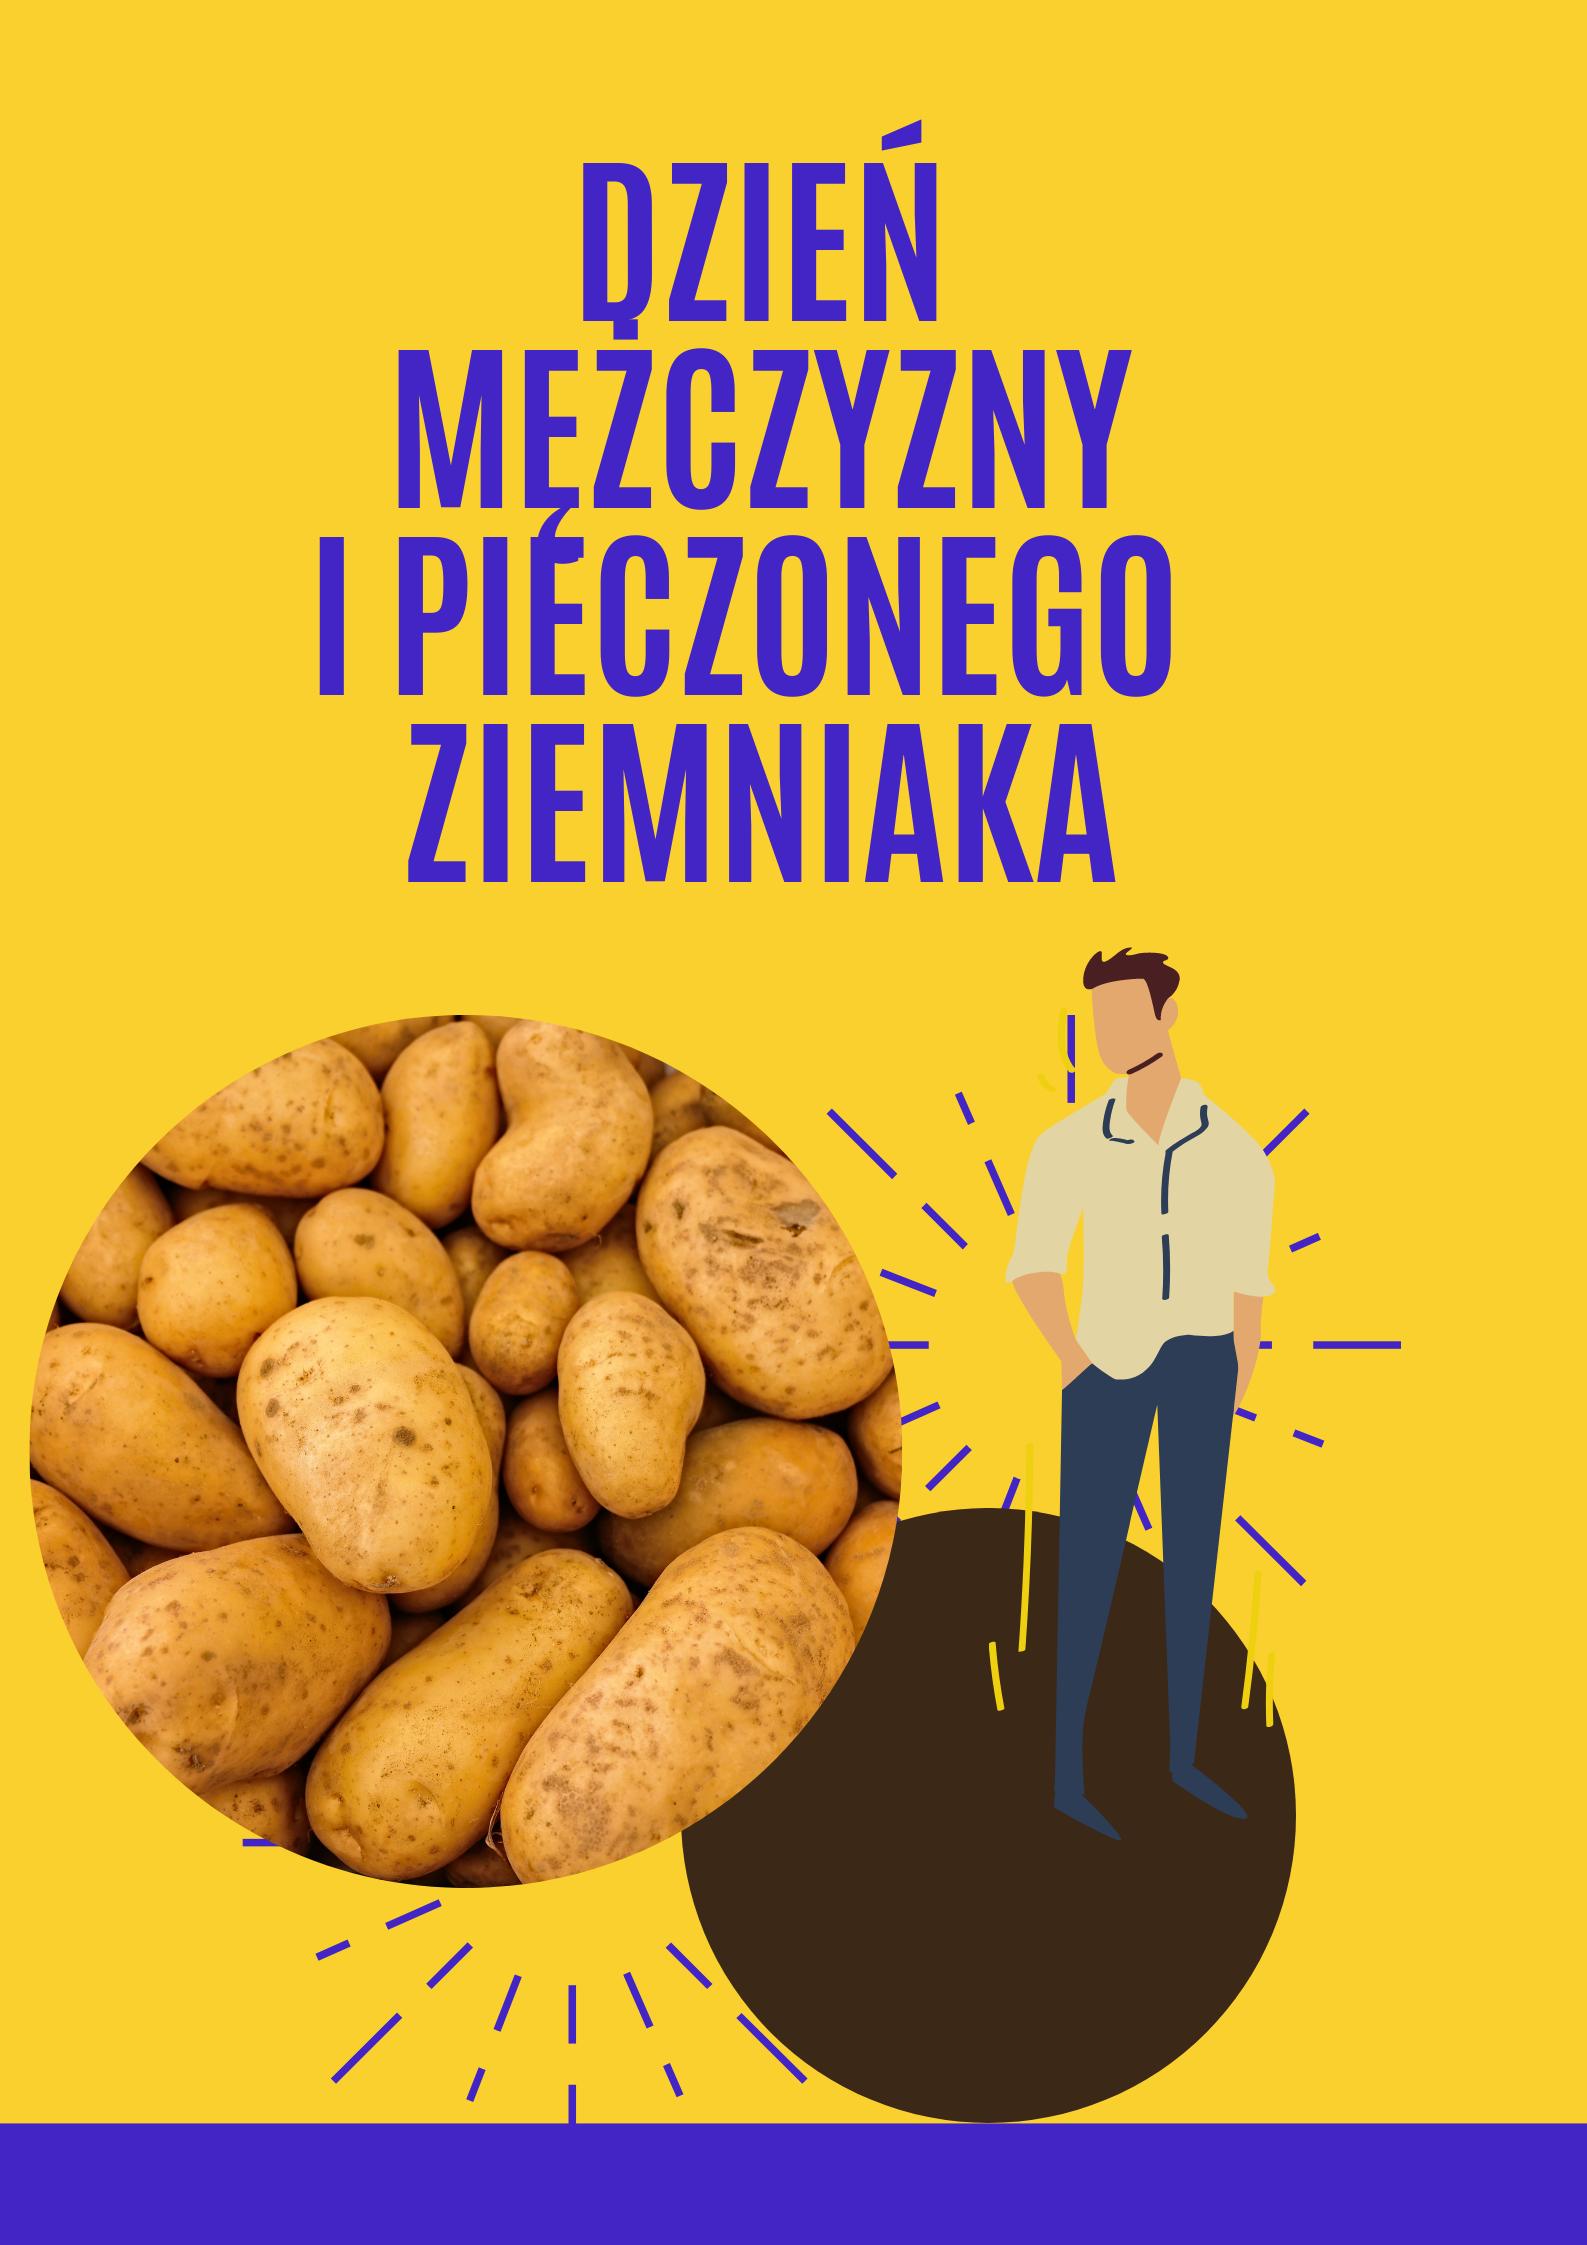 Dzień Mężczyzny i Święto Pieczonego Ziemniaka przy świetlicy w Kątnej – org. sołectwo Kątna